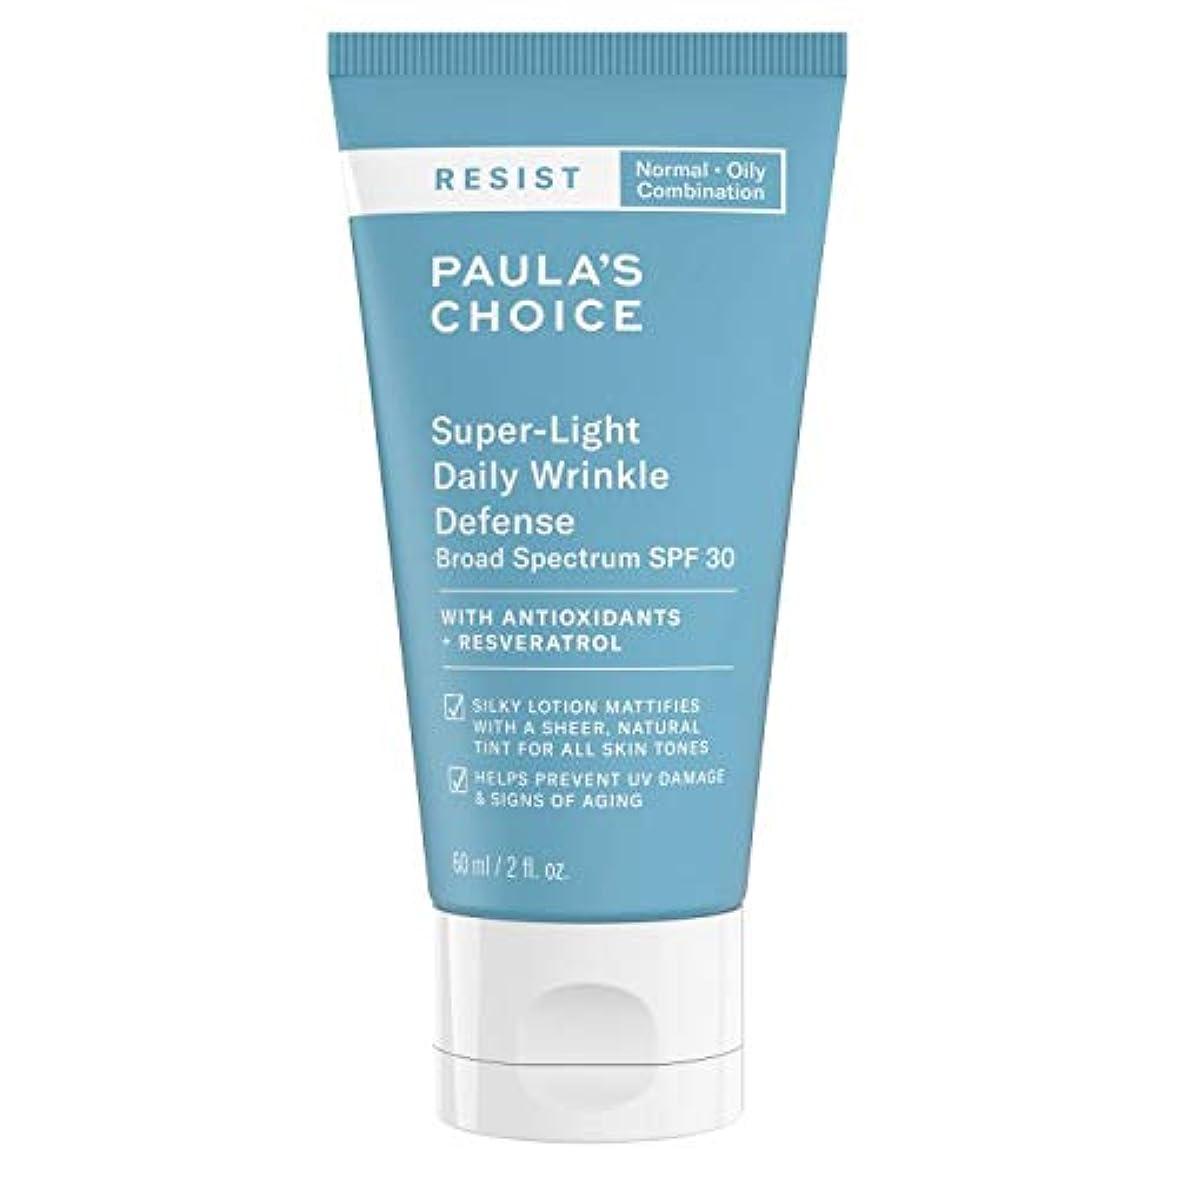 かもしれないイライラするキャンバスポーラチョイス レジスト スーパーライト 毎日のしわの防衛 サンスクリーン (60ml) SPF30 / Paula's Choice Resist Super-Light Daily Wrinkle Defense Sunscreen